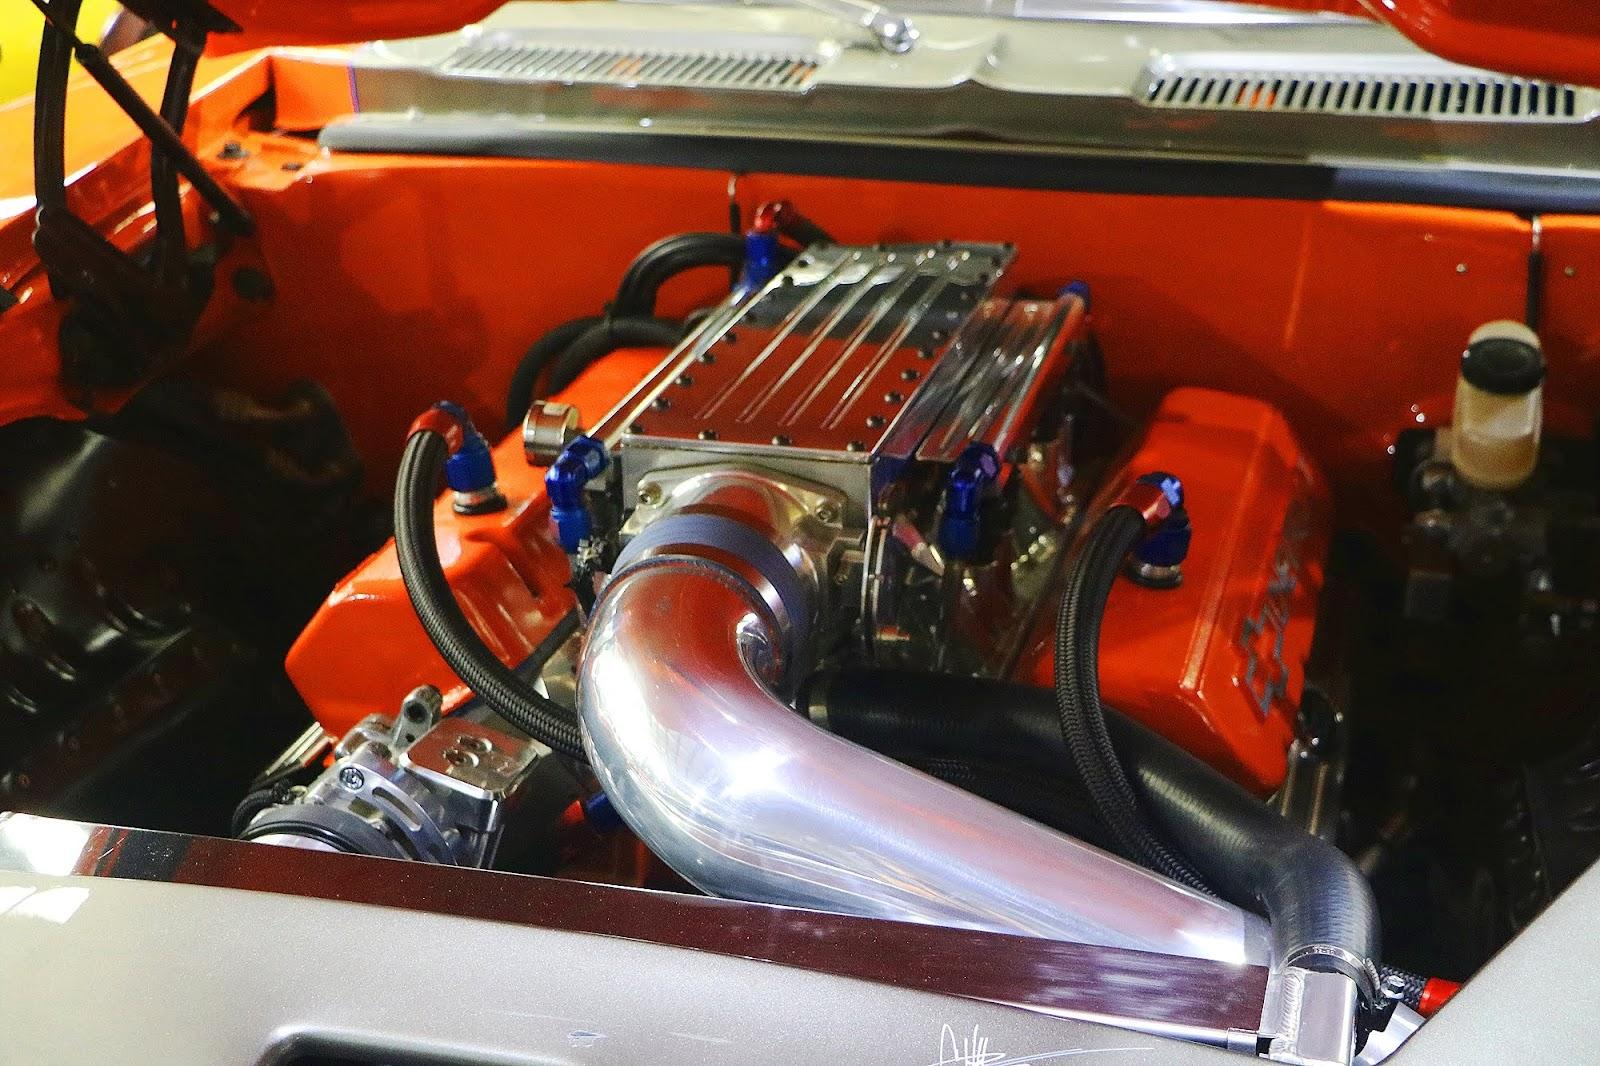 1969 Chevrolet Camaro Z28 (Chip Foose Design) (03).jpg